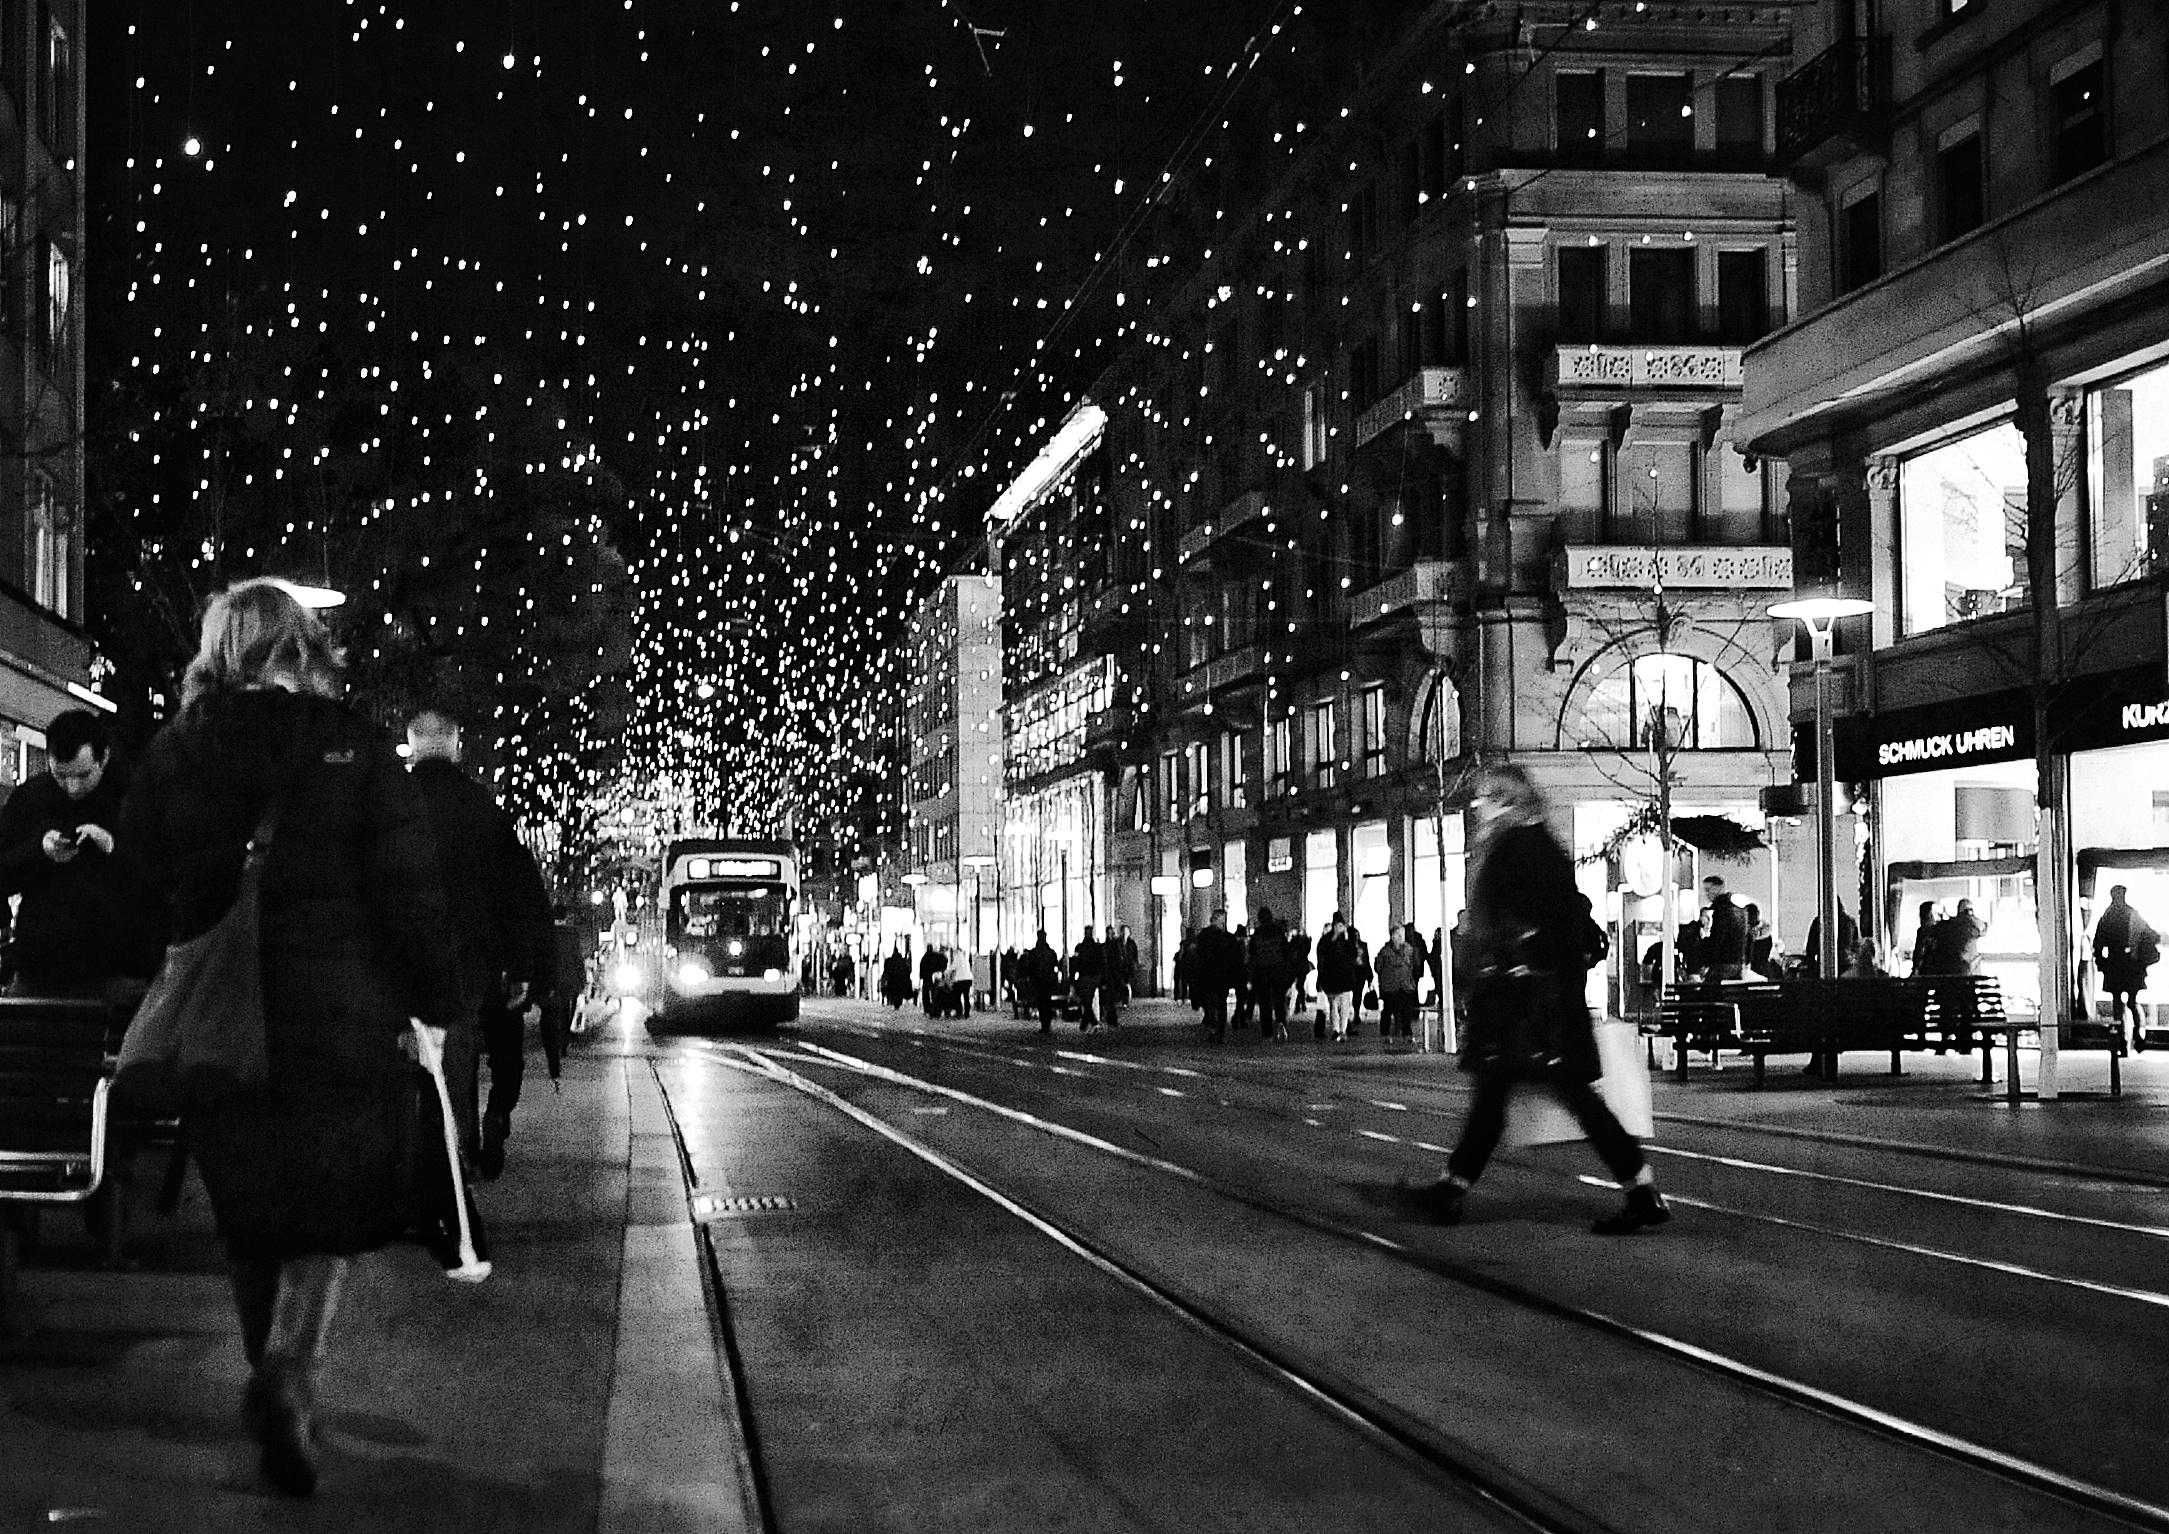 сюжетная фотосессия по ночному городу читайте